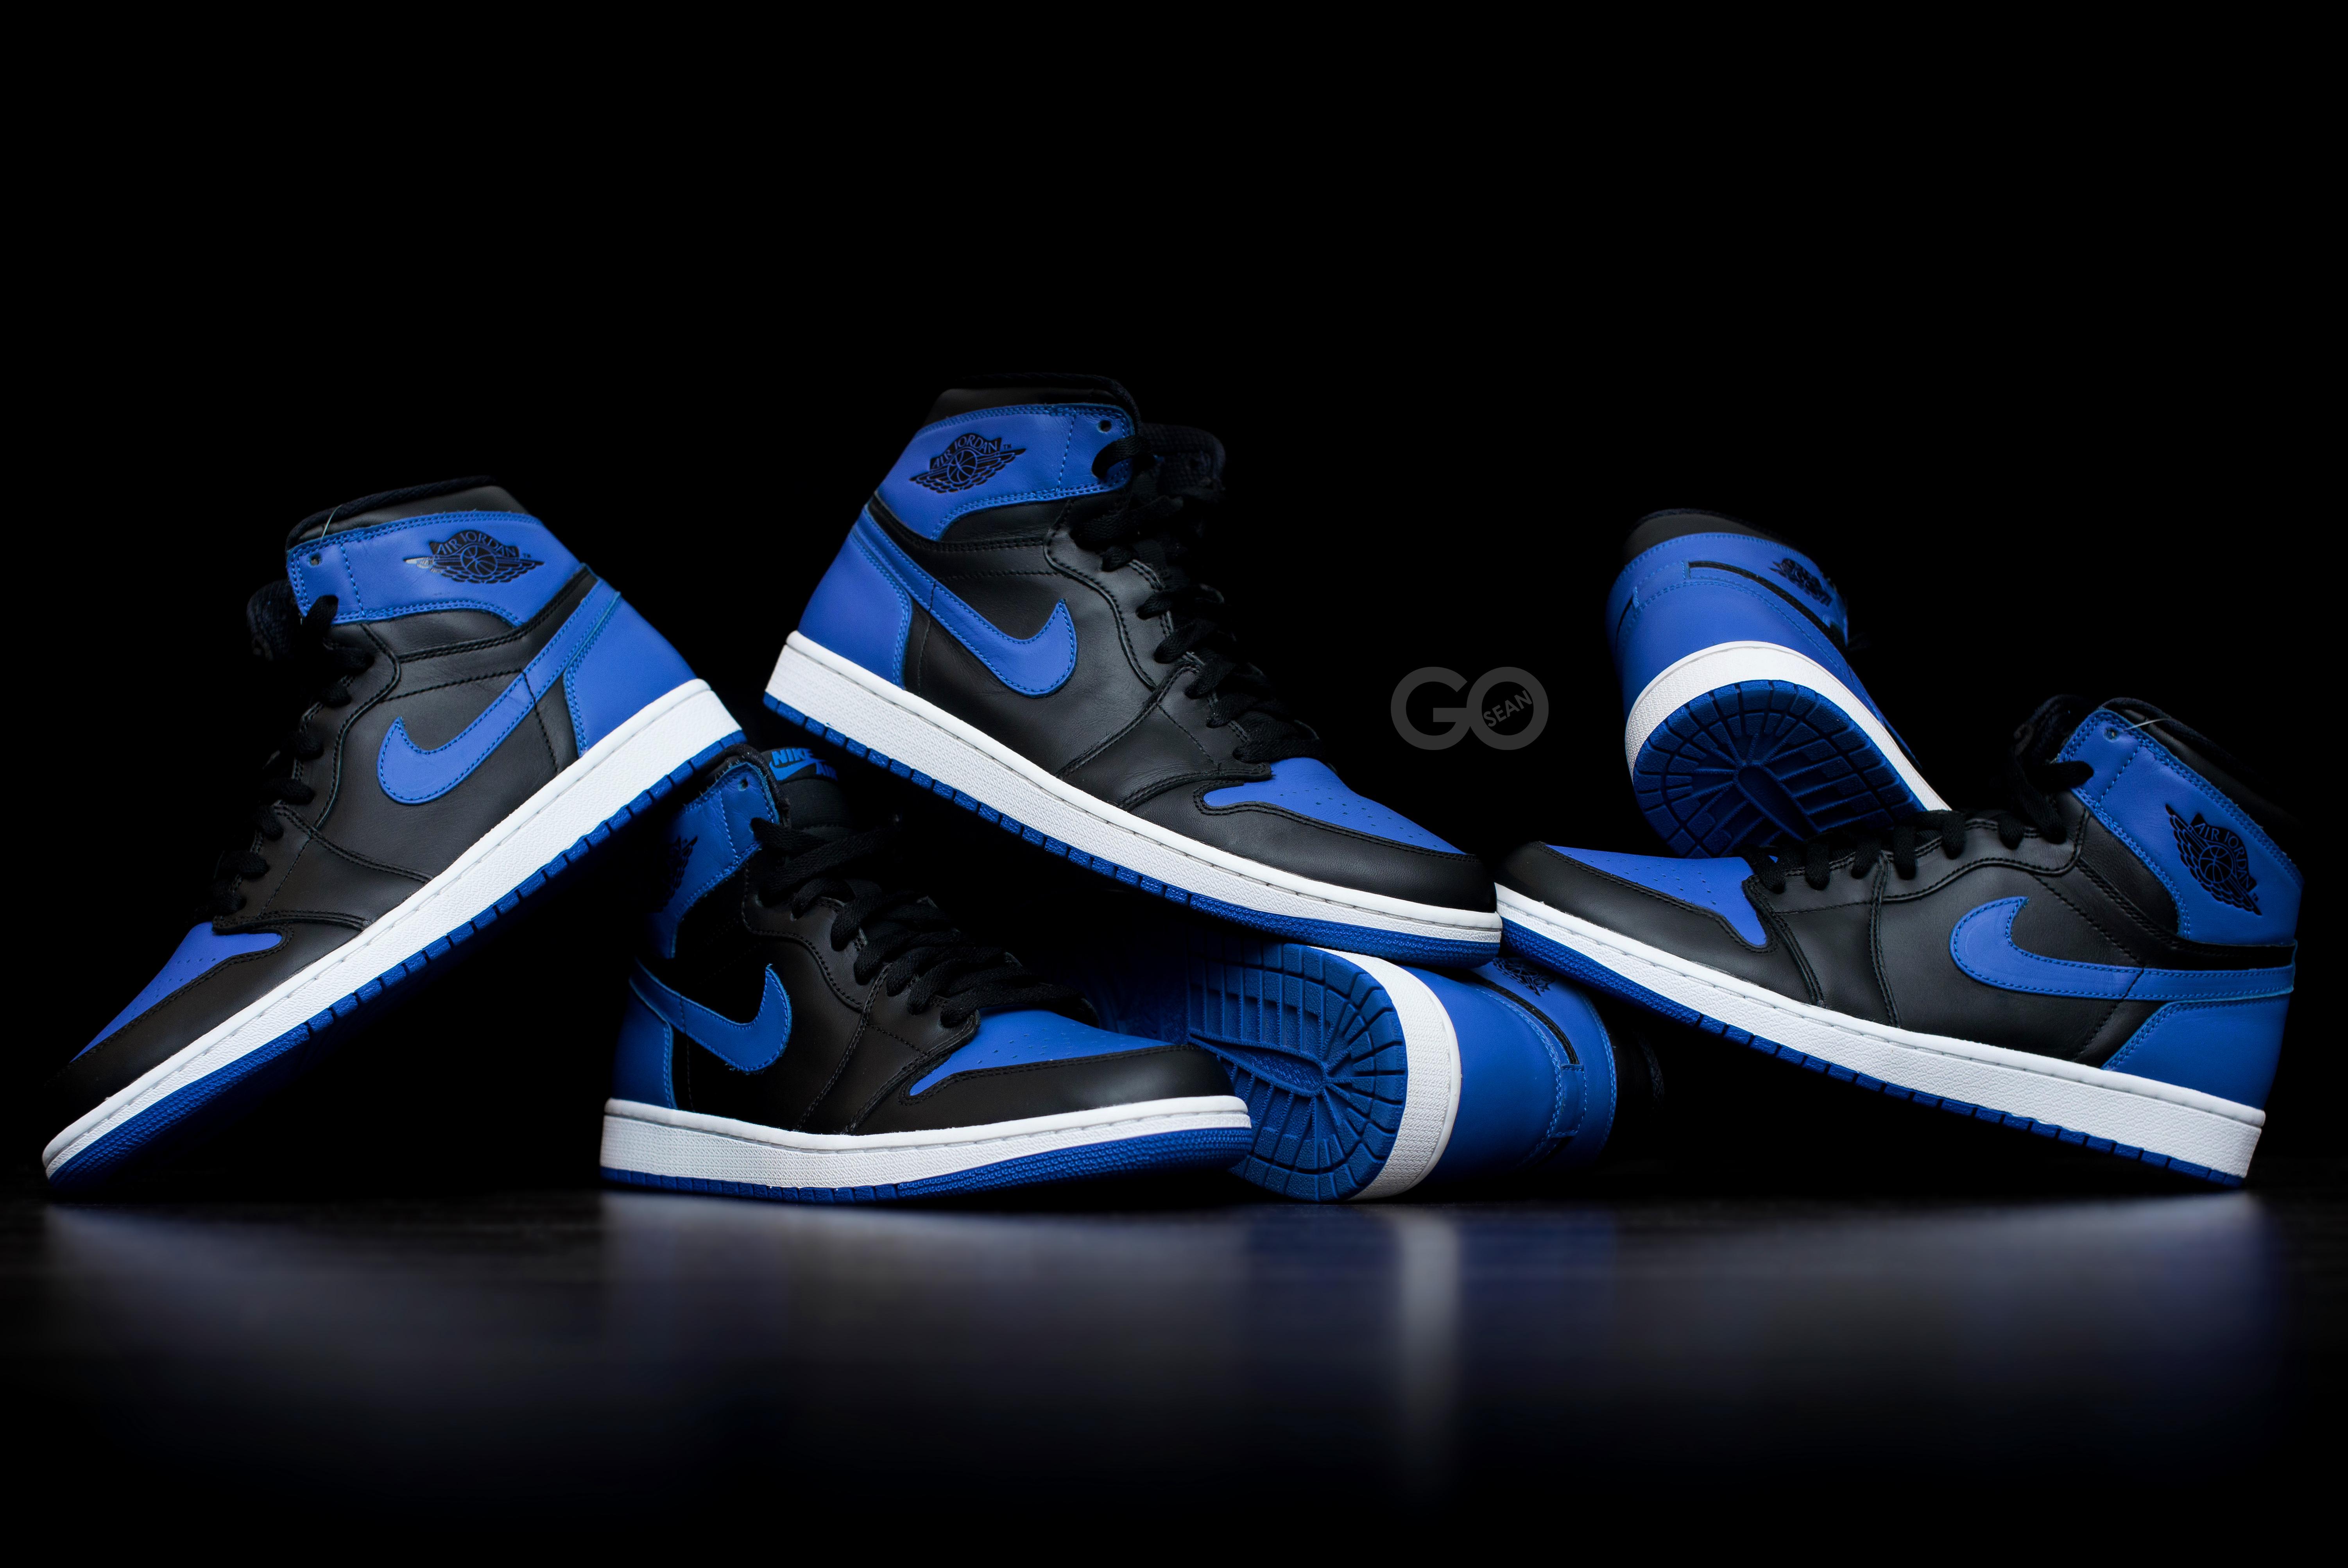 Wallpaper Nike White Black Neon Iss Shoes Nikon